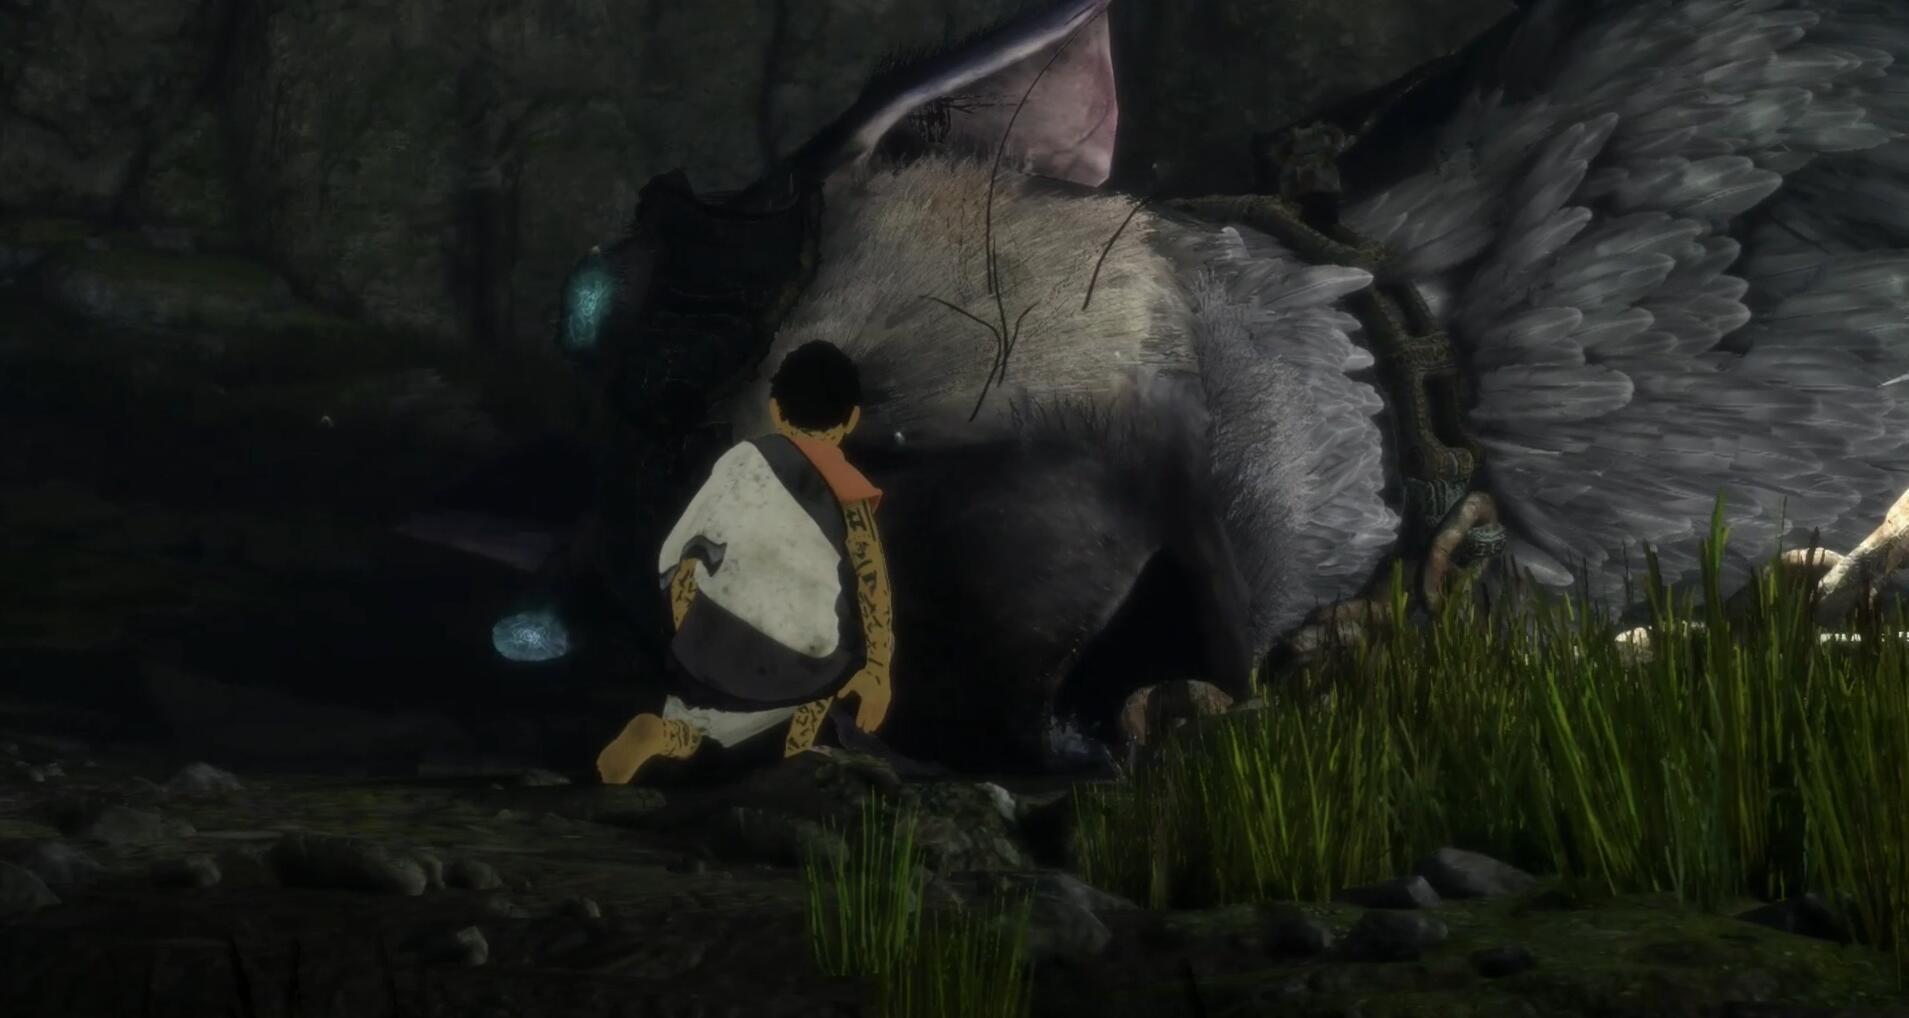 奇怪的洞窟与巨鹰02.jpg